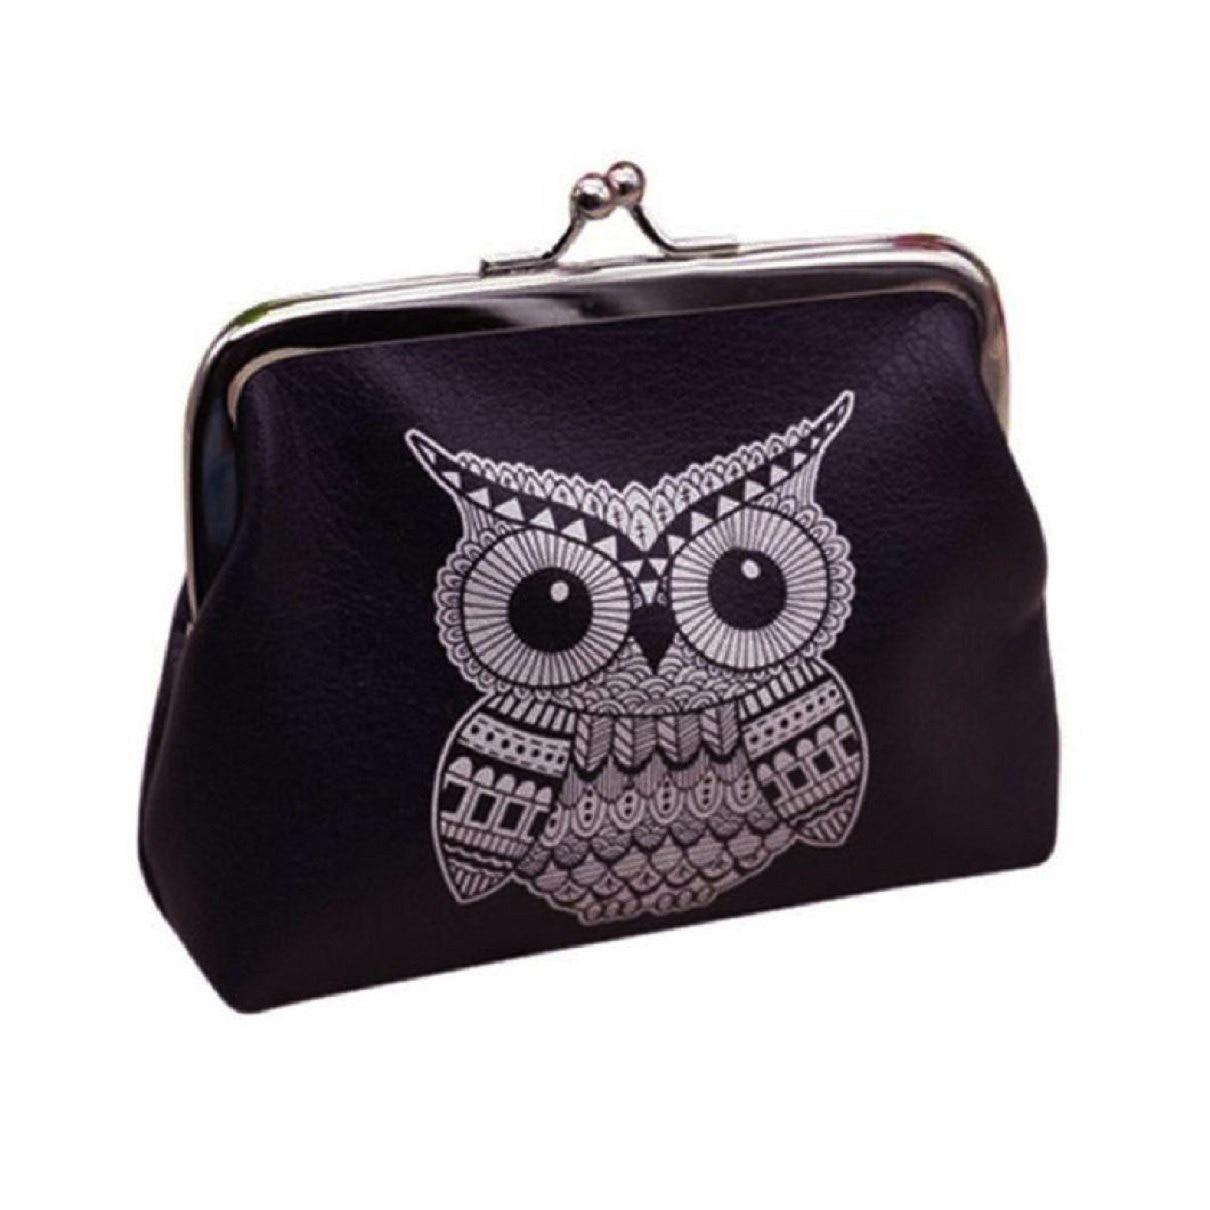 Top Sale BISM Womens Lady Wallet Bag Coin Purse Clutch Handbag (Owl) 100% new and original tz4l 14c autonics temperature controller